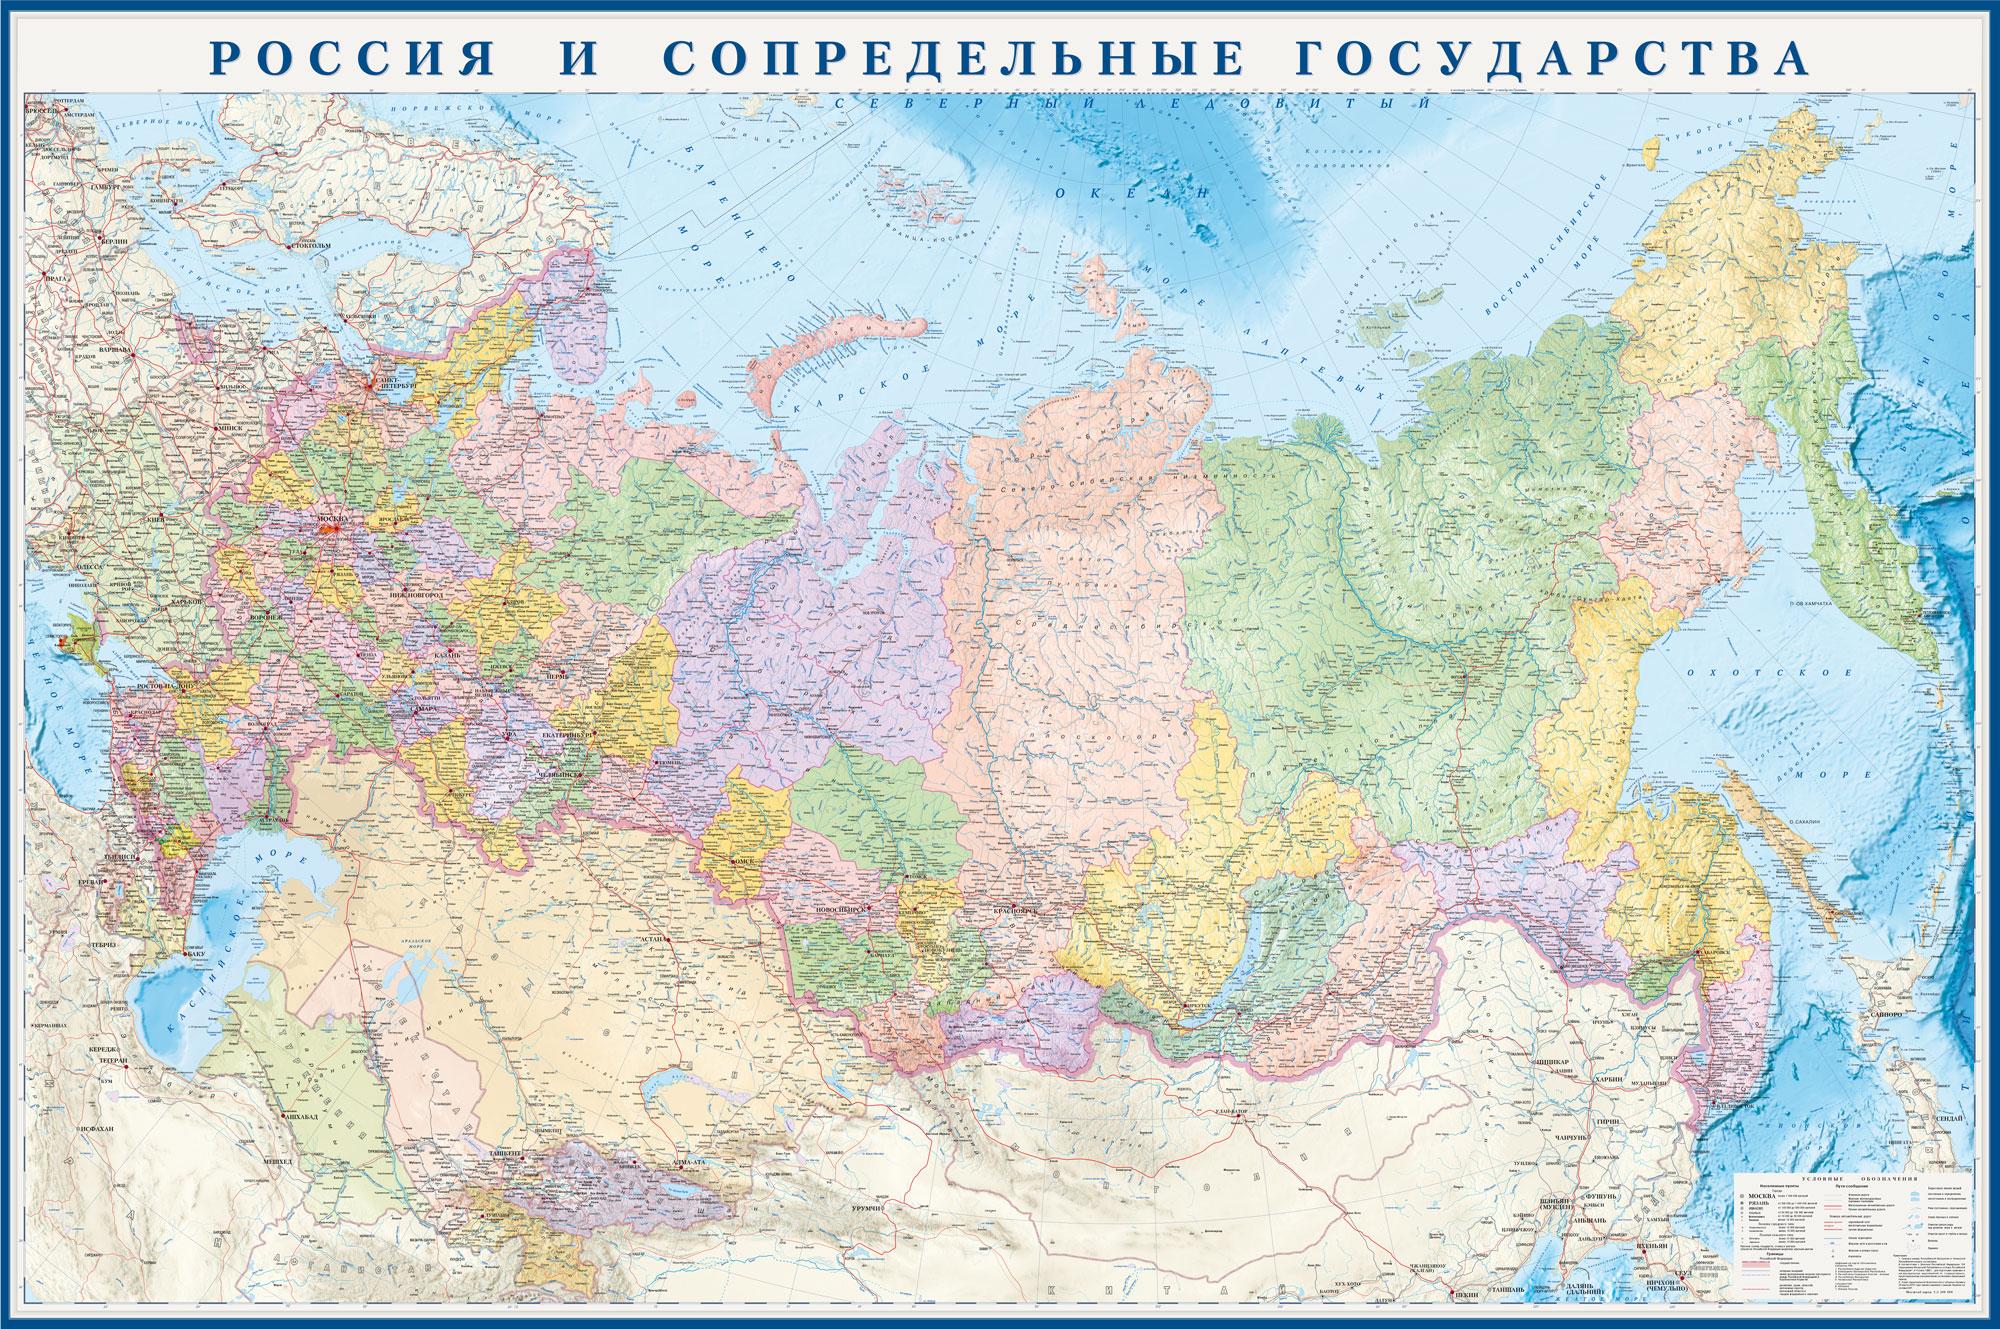 Настенная карта России и сопредельных государств политико-административная размер 1,58*1,05 м, ламинированная